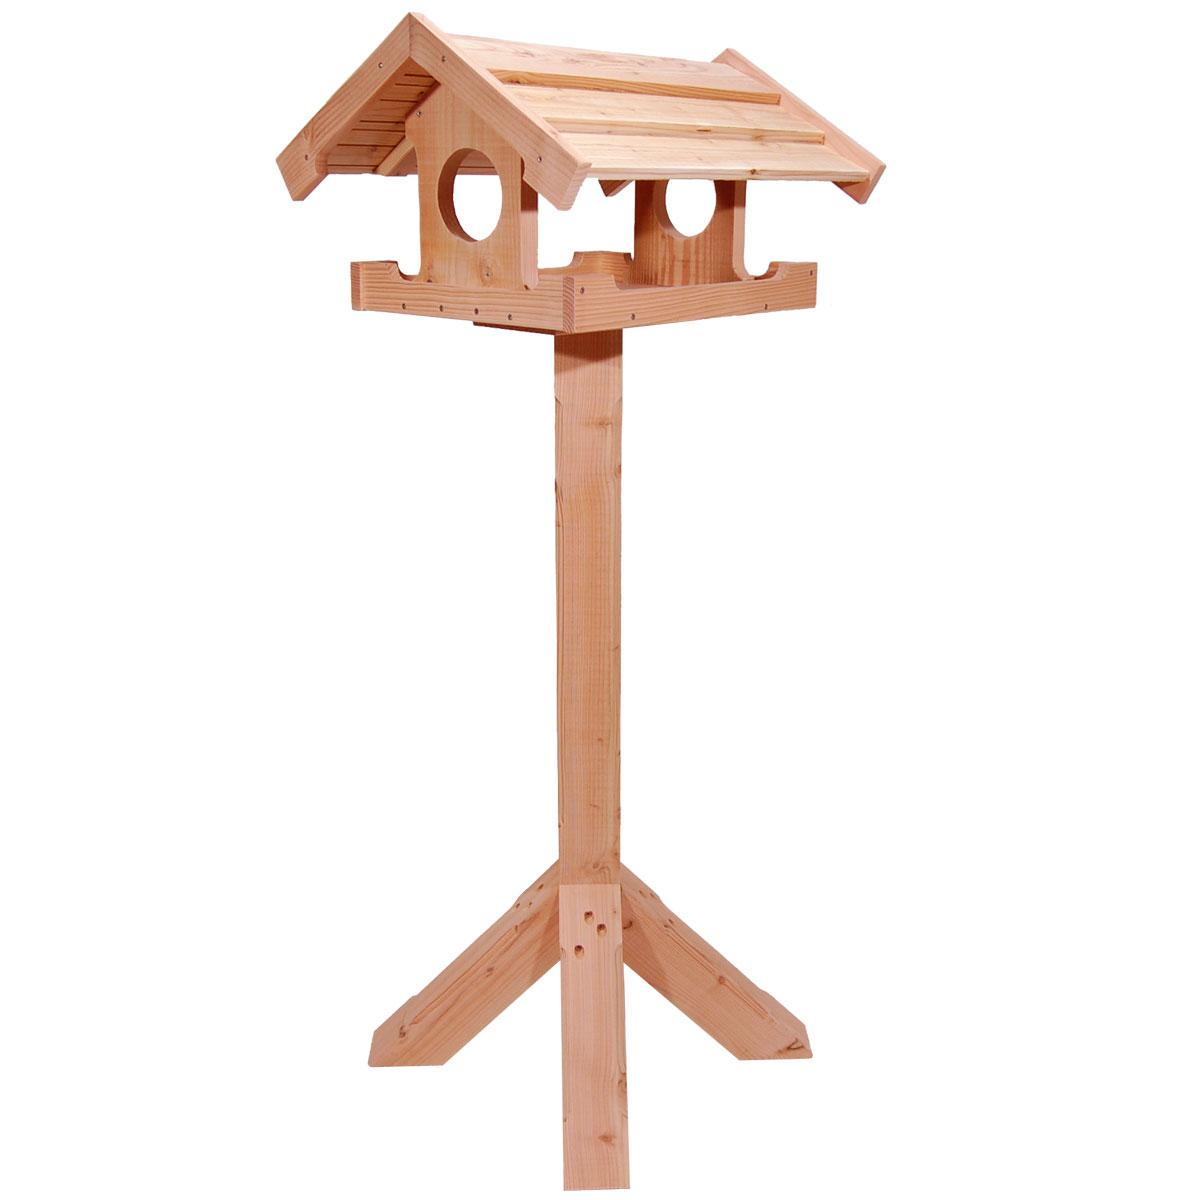 Fuglefoderhuse fremstillet af certificeret dansk træ